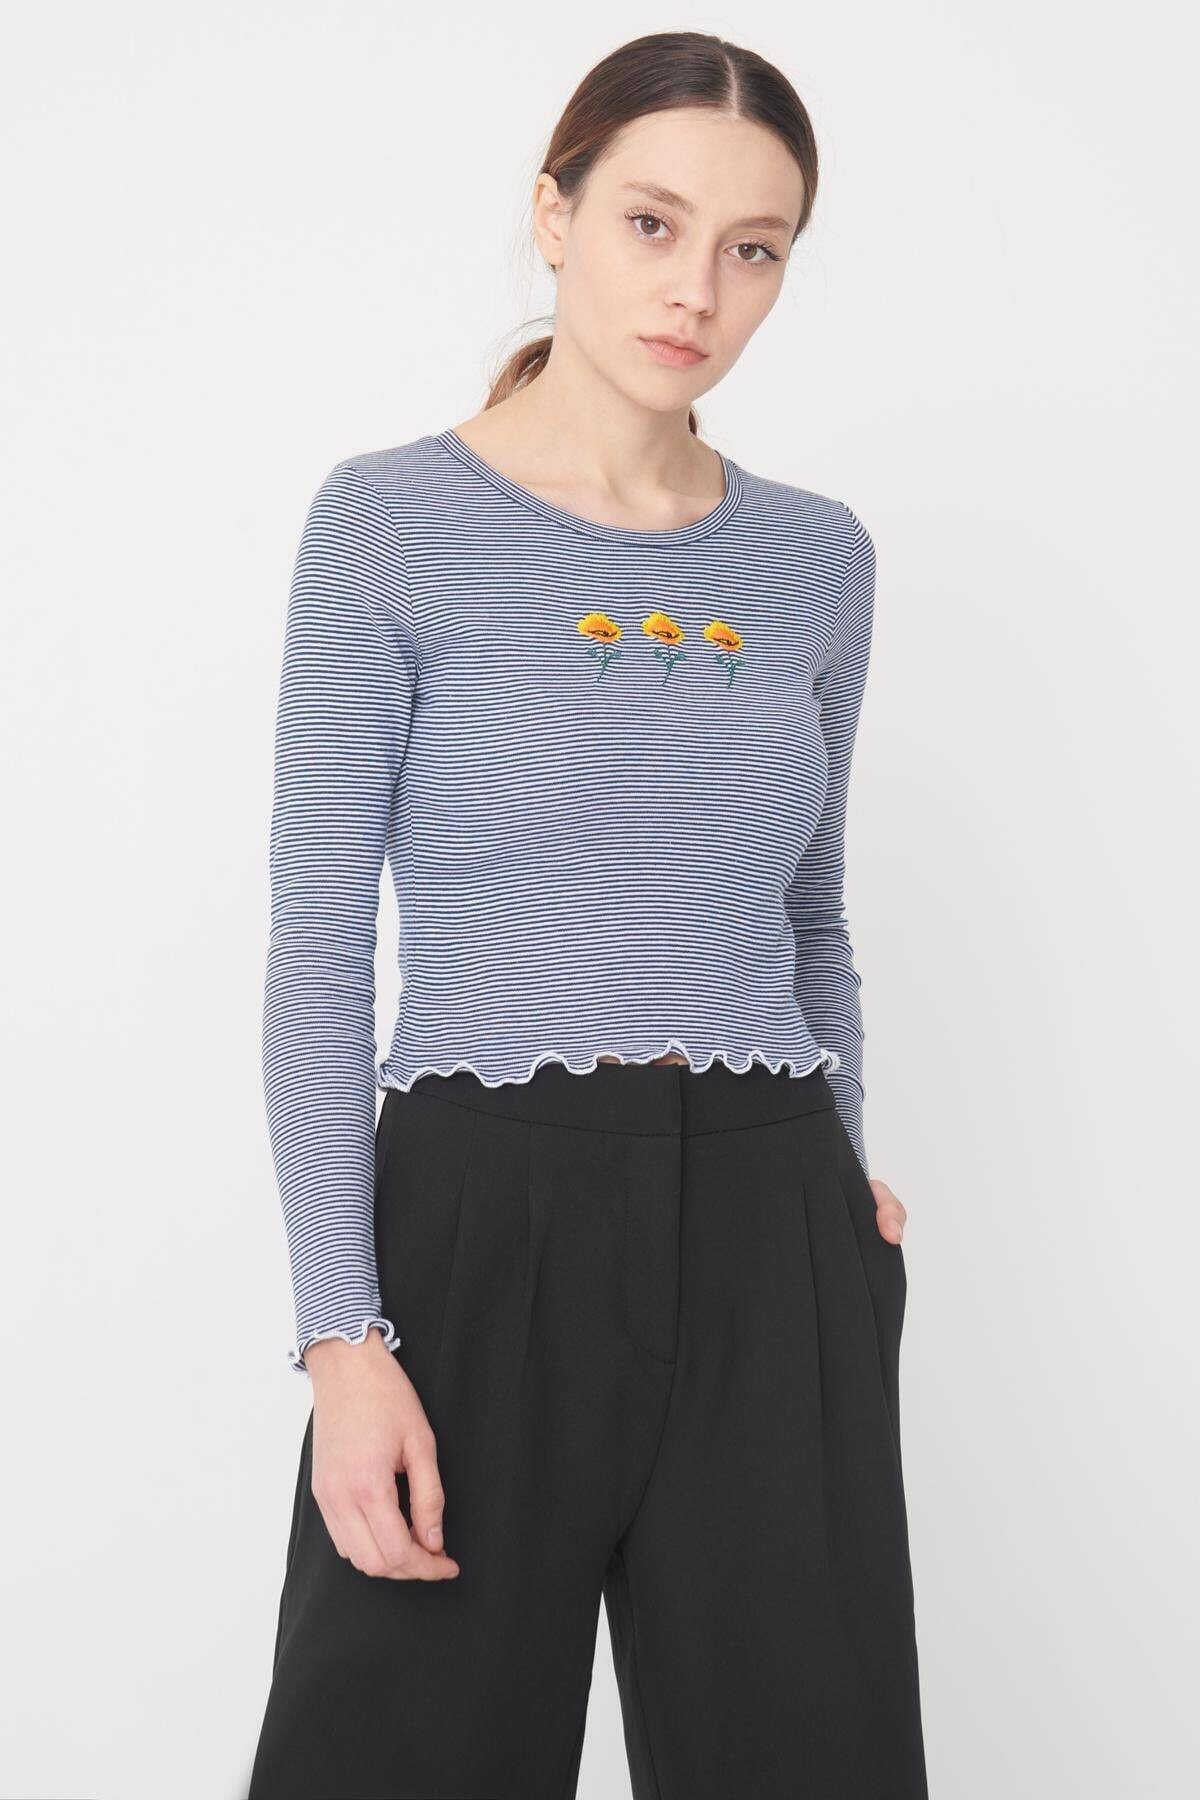 Addax Kadın Laci-Beyaz İşleme Detaylı Bluz B1043 - DK6 ADX-0000022790 1